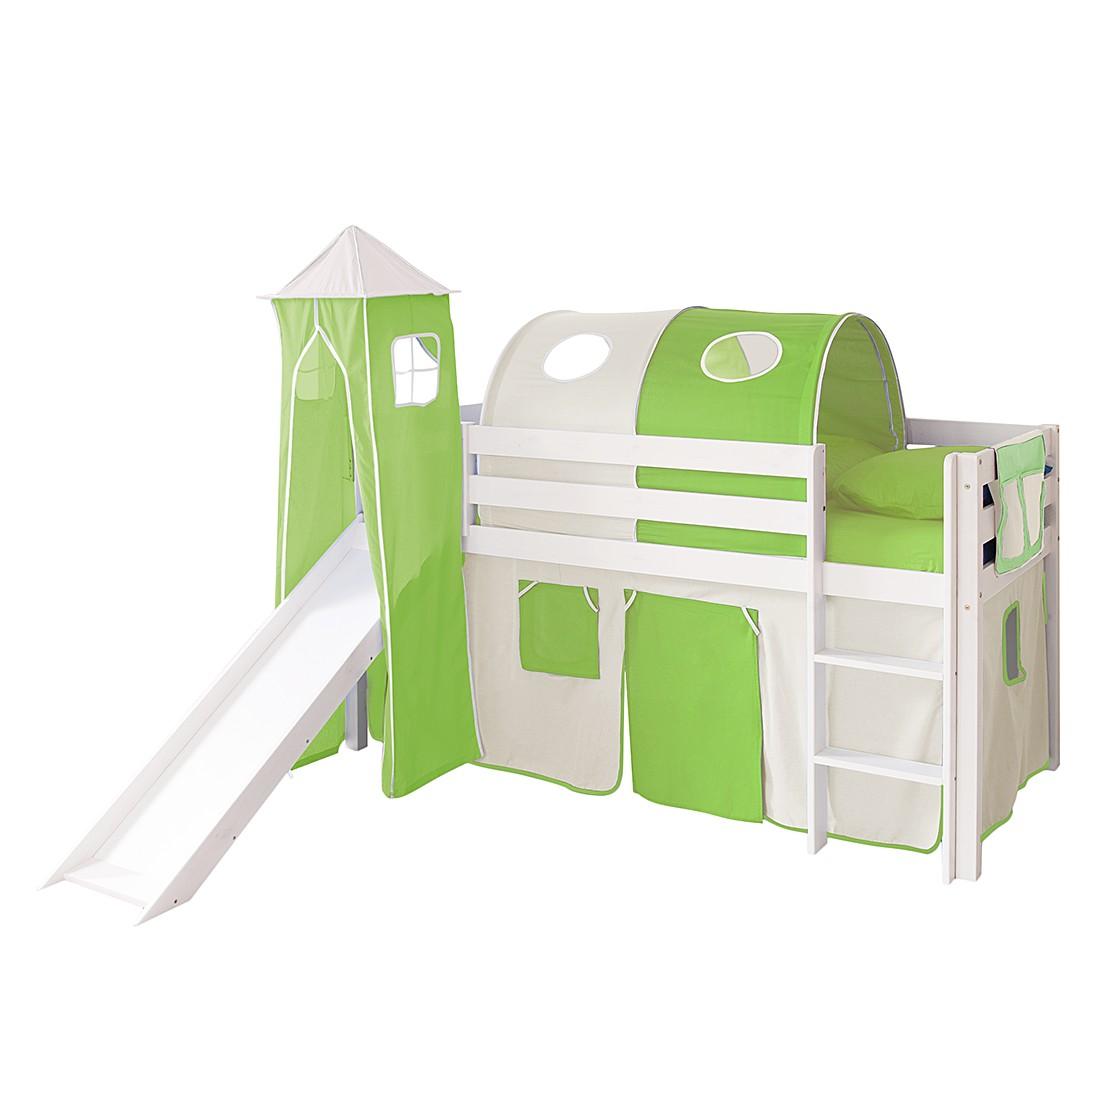 Home 24 - Lit ludique kasper ii - pin massif beige / vert modèle de base, ticaa